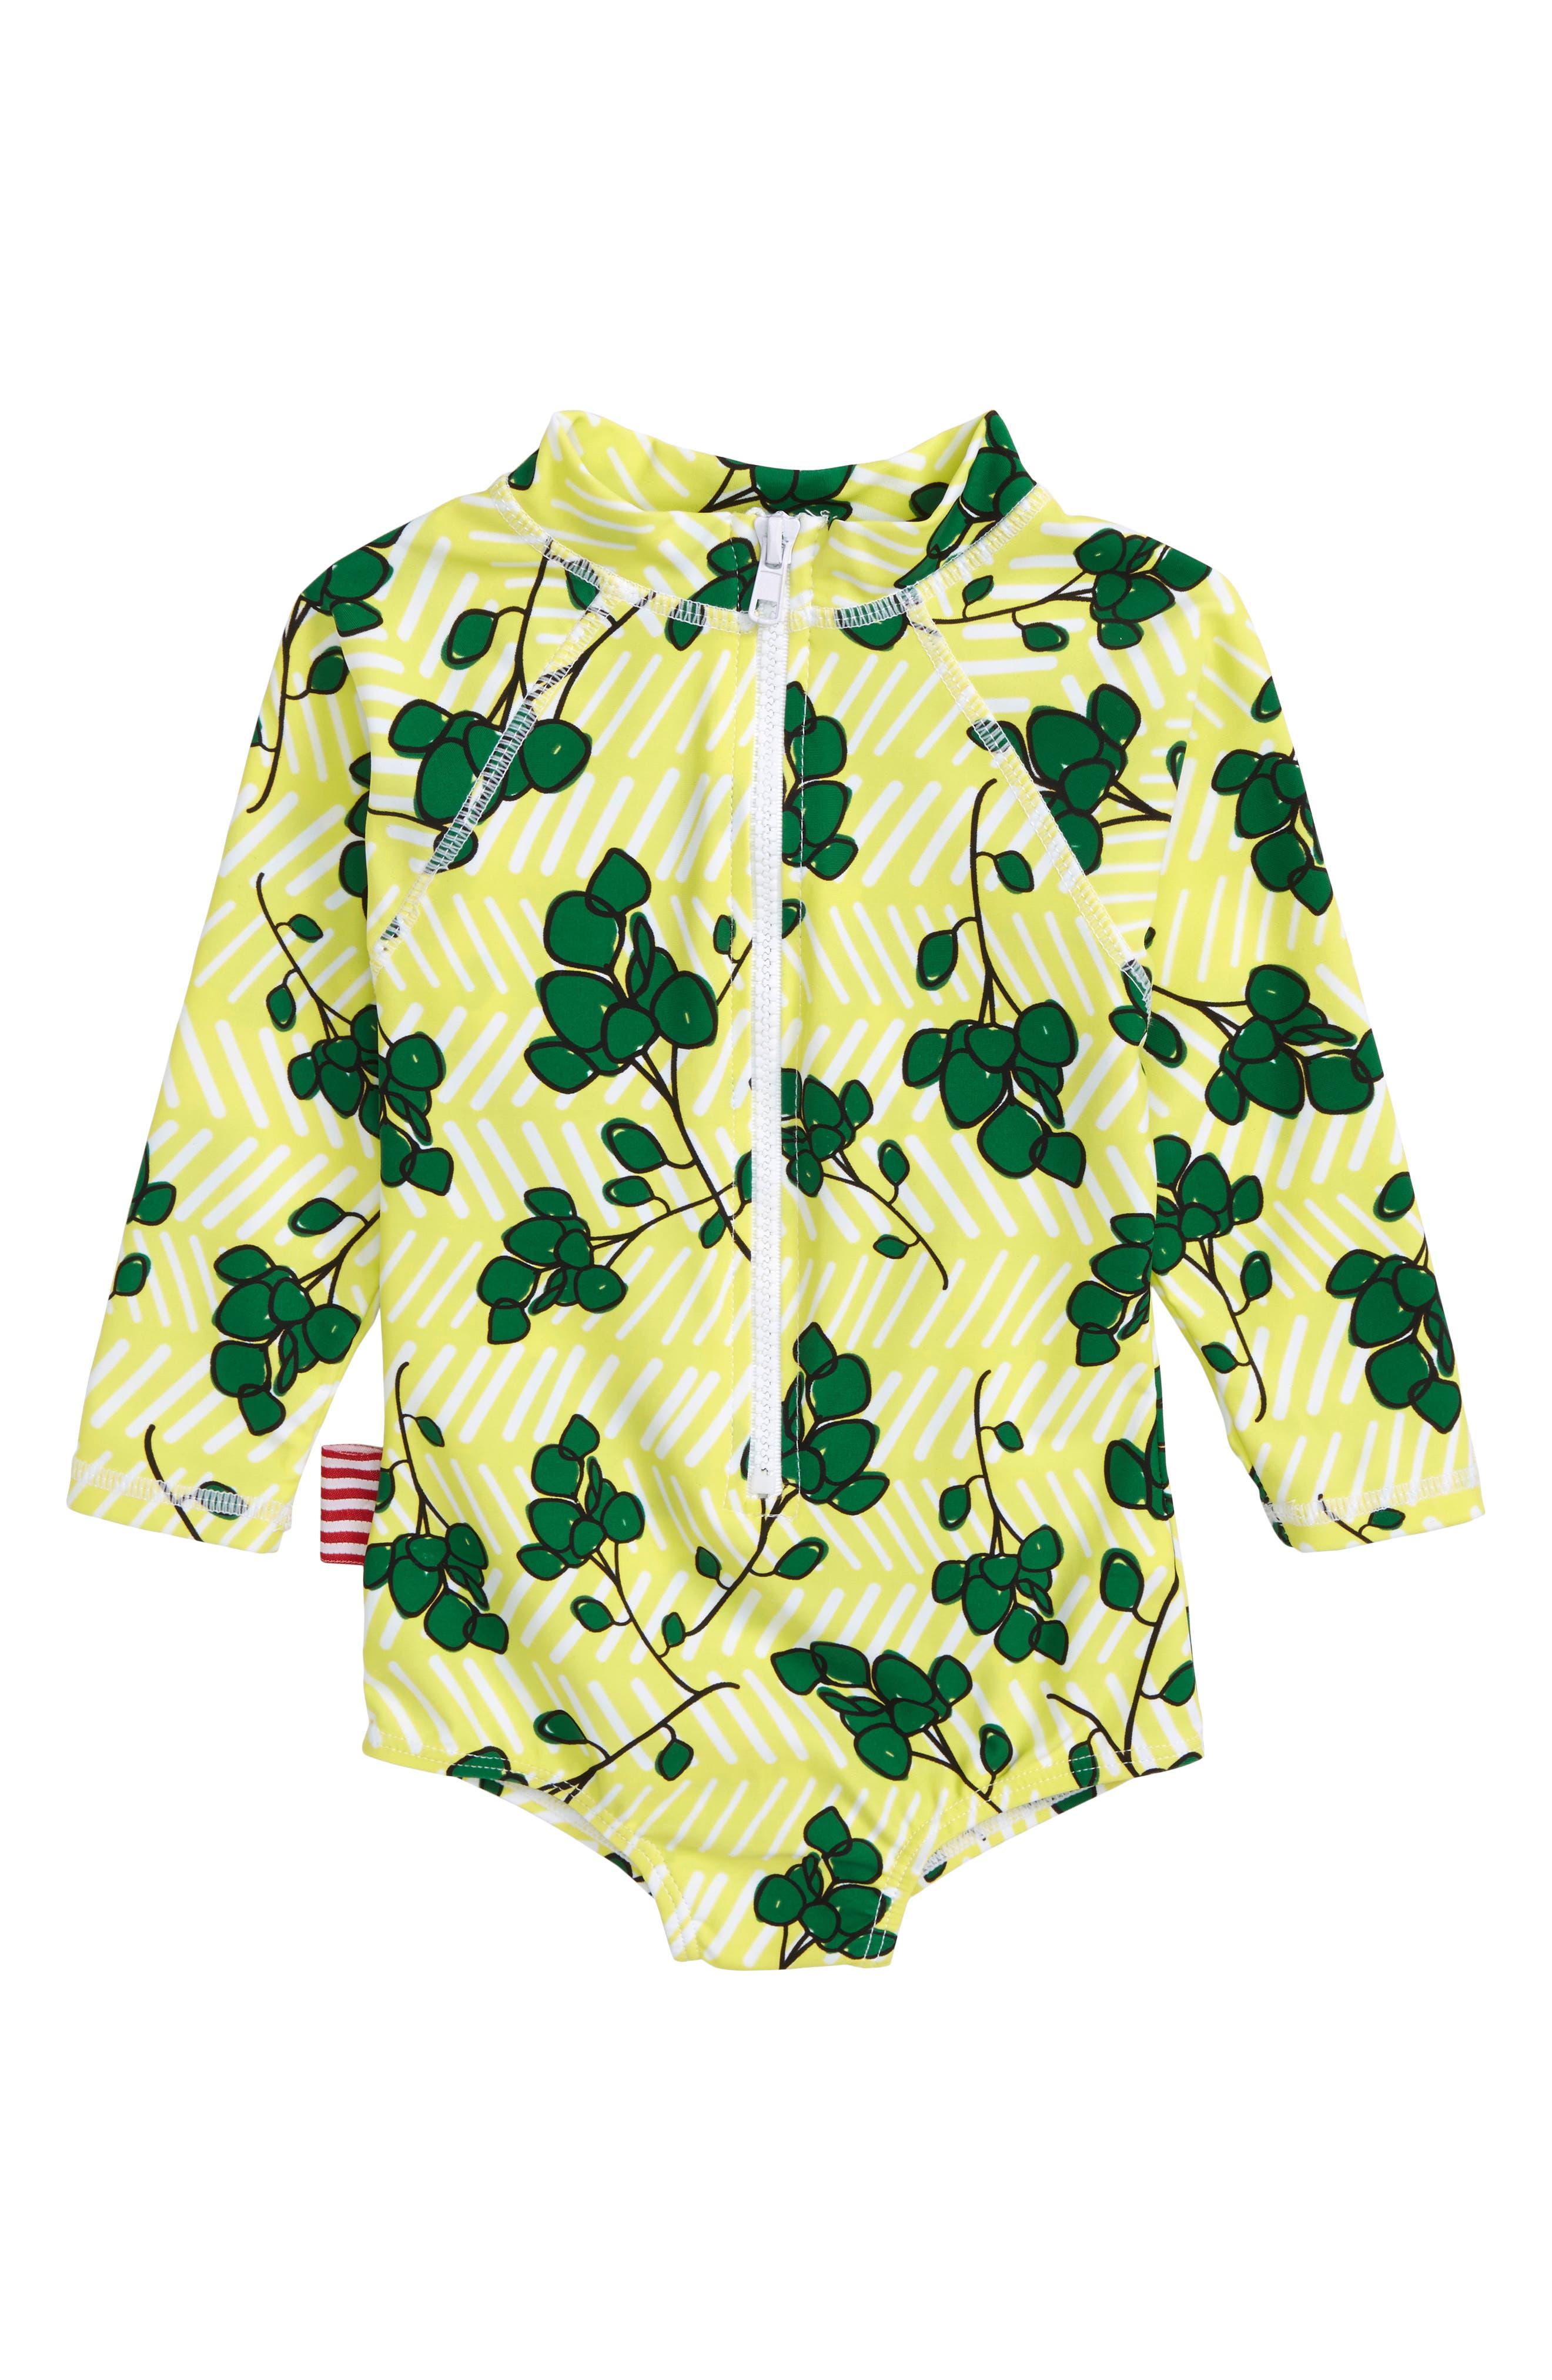 Limun One-Piece Rashguard Swimsuit,                         Main,                         color, 700